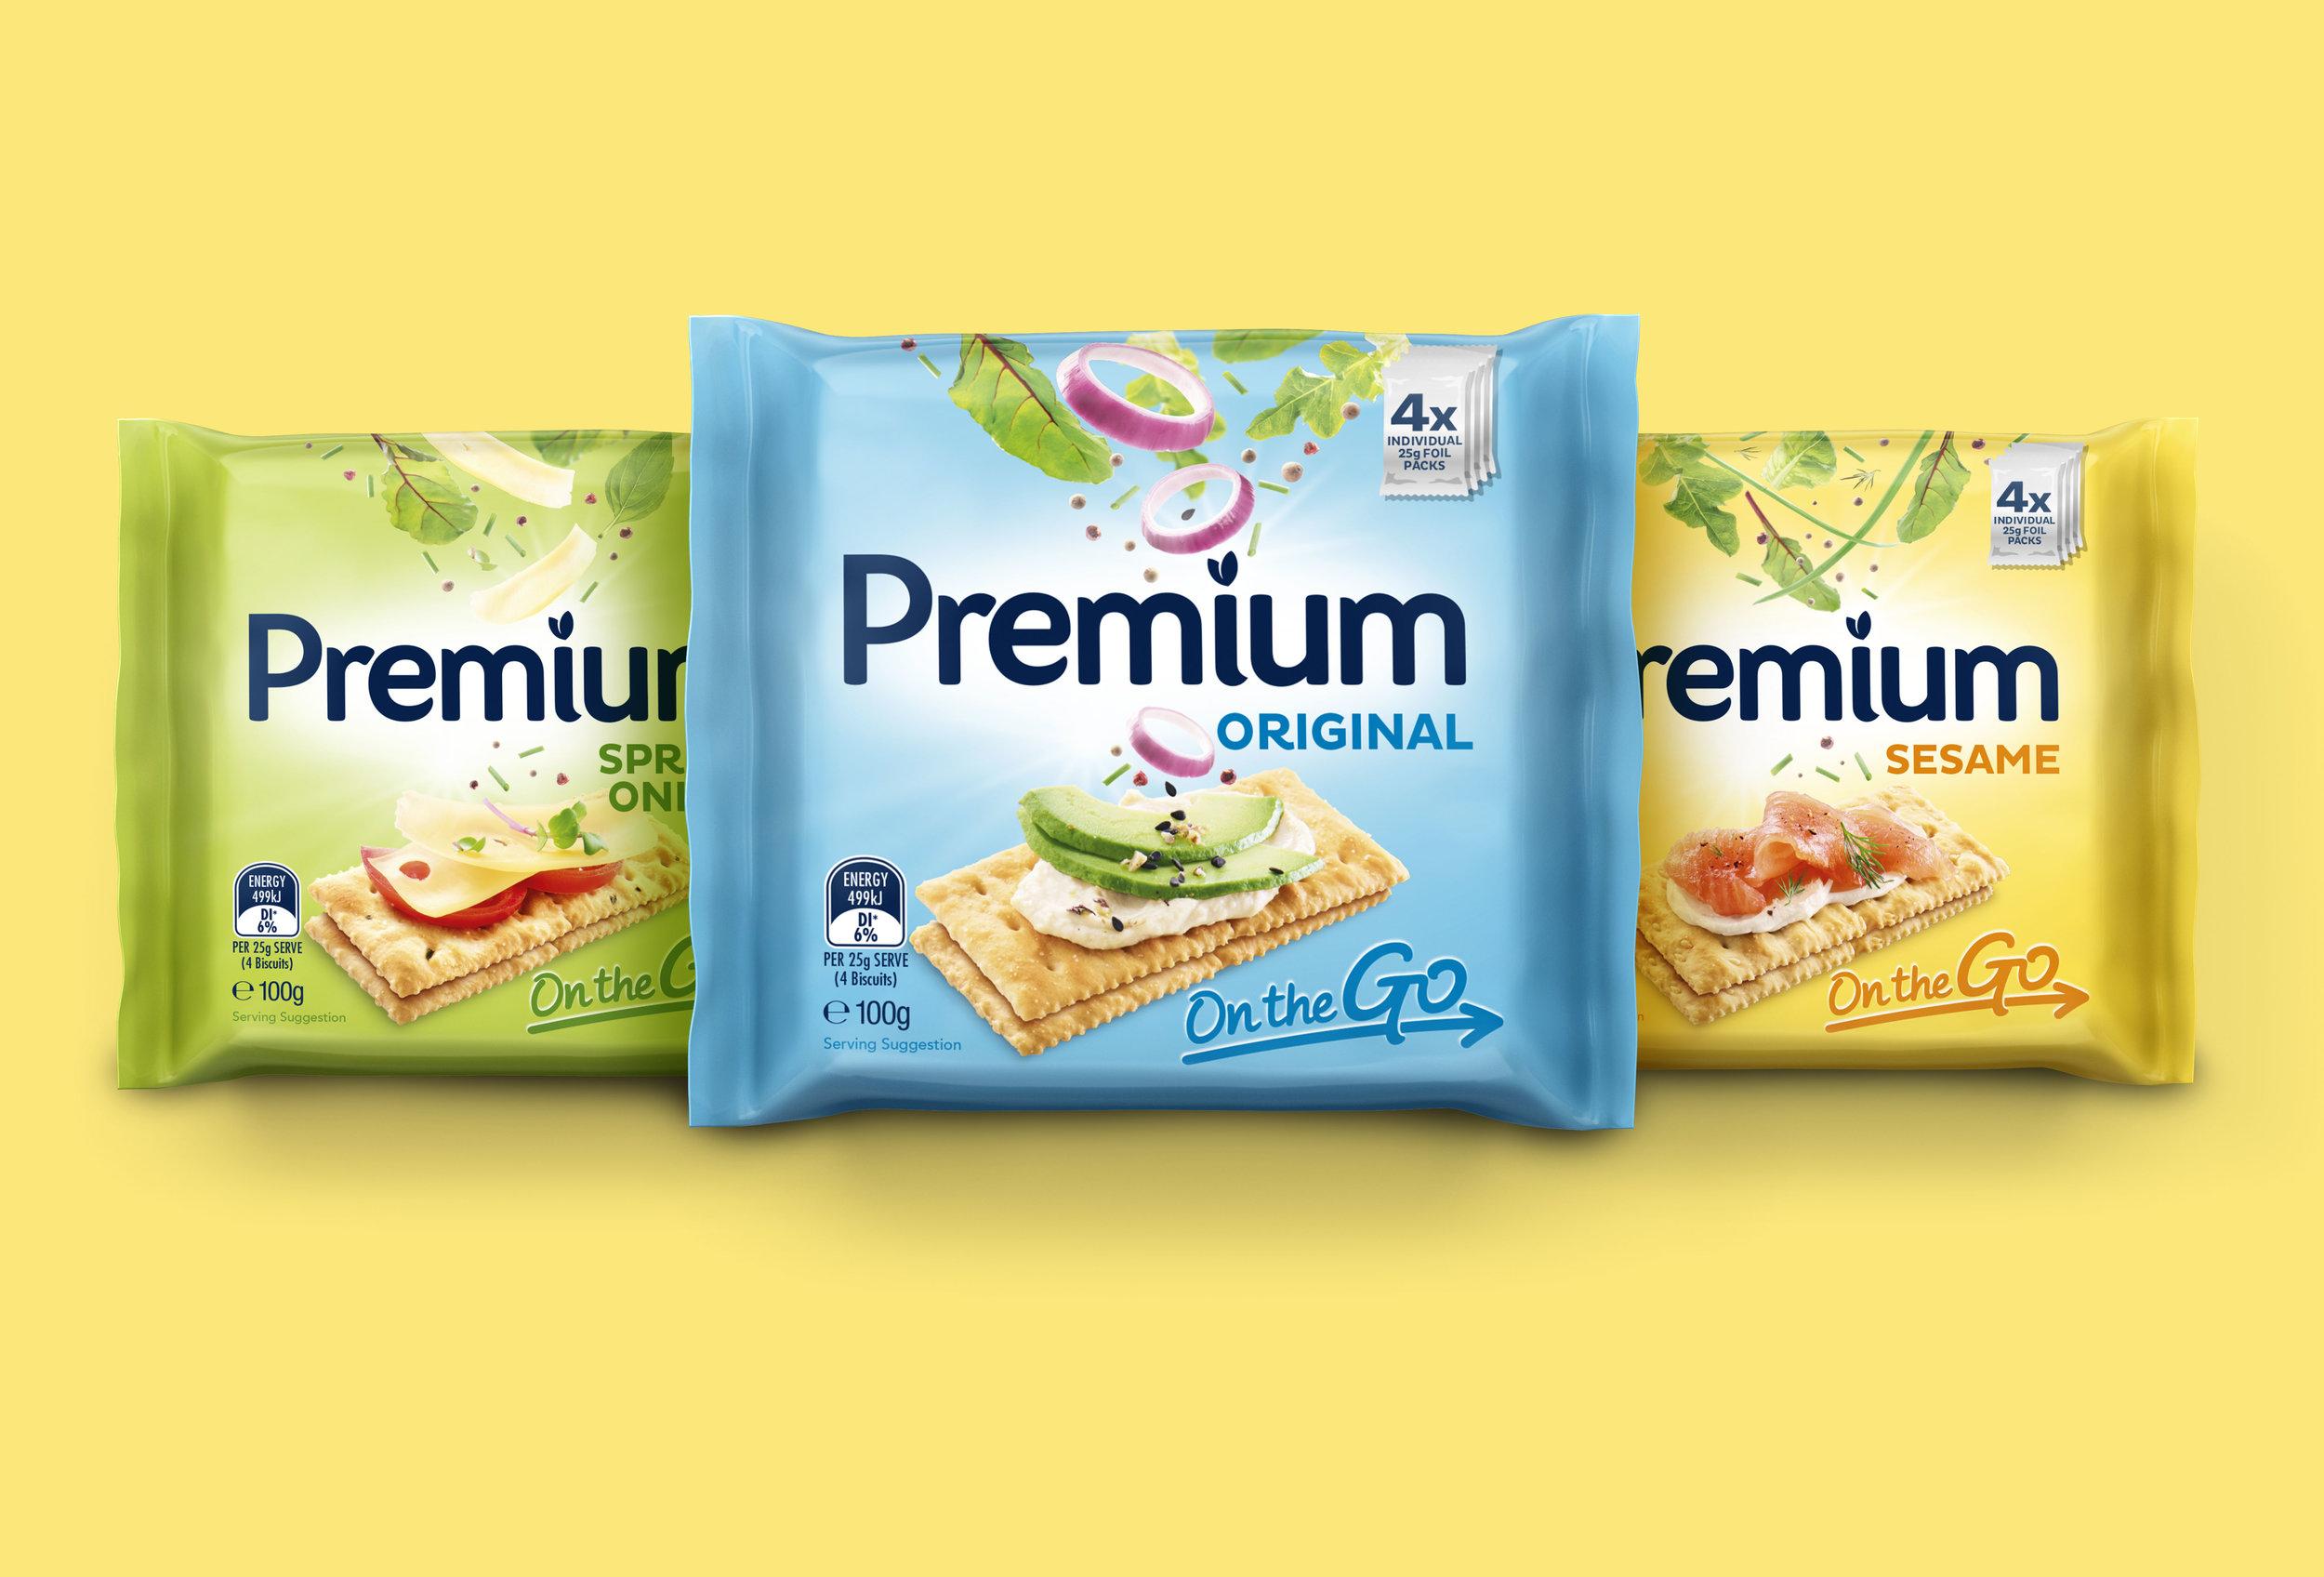 Premium_group_01_bg-yellow.jpg